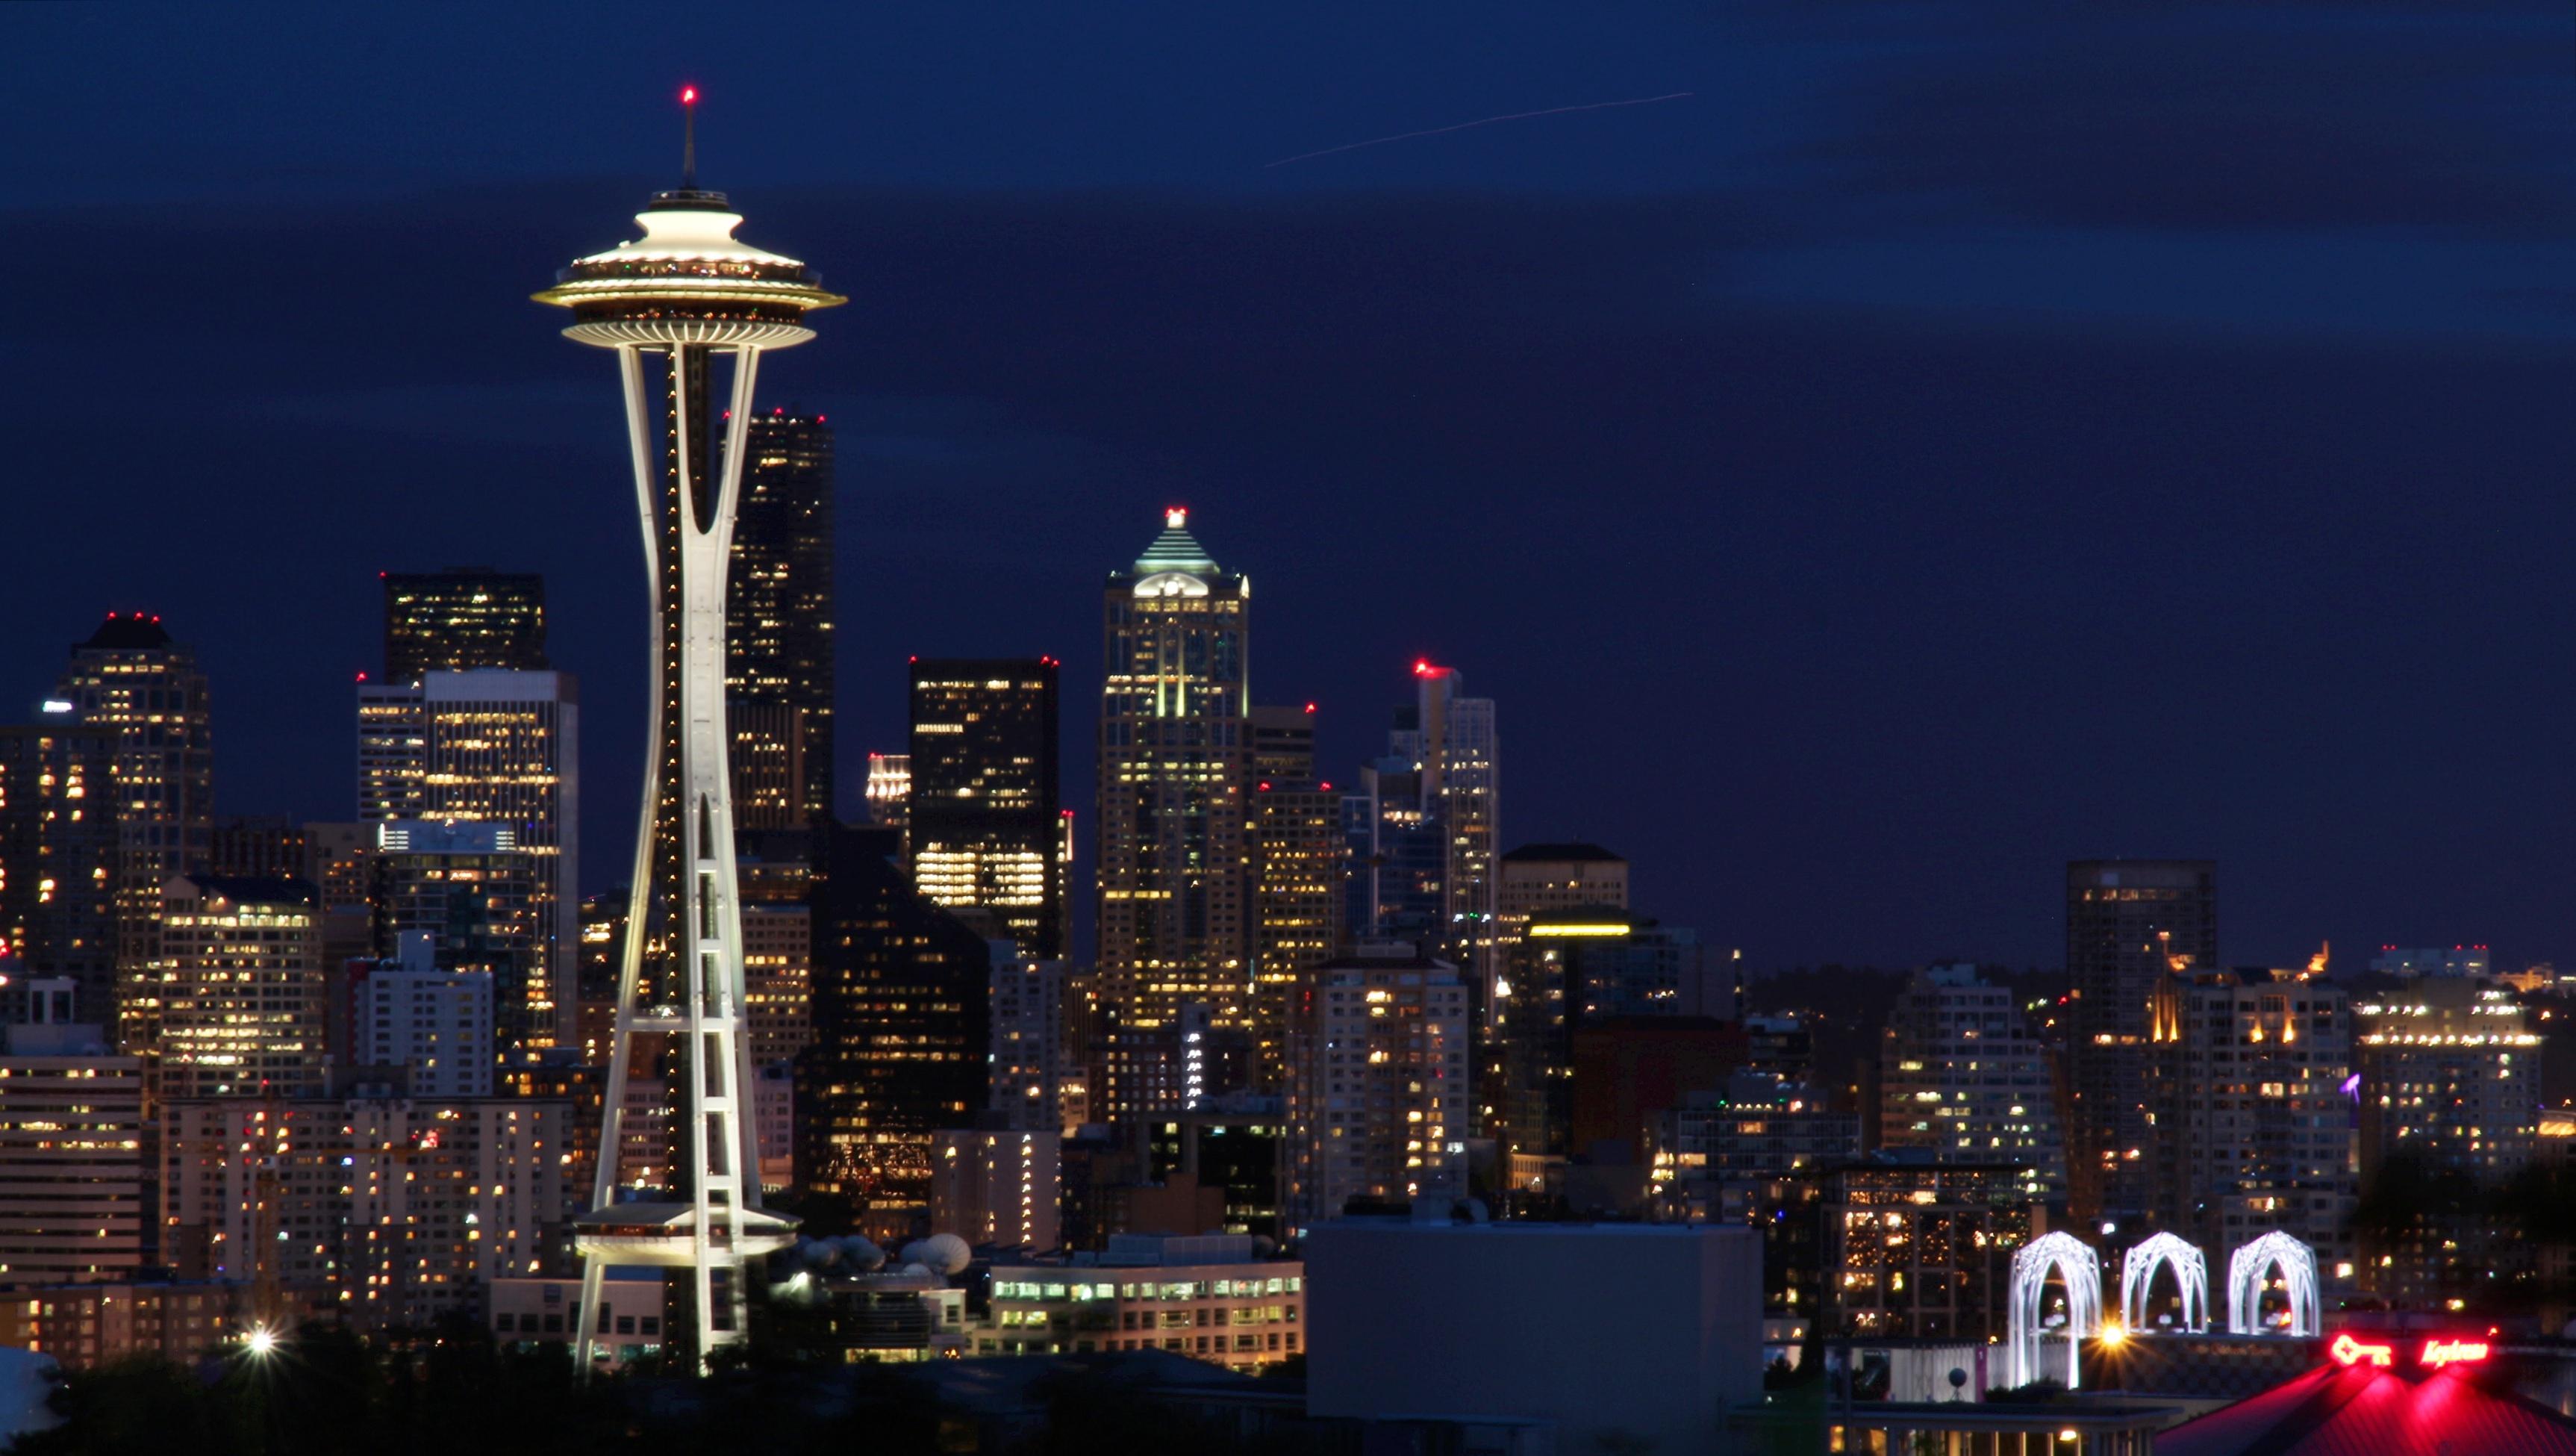 2020 西雅圖浪漫/自選5天遊 Tour Code: AS5/X5 (MY) 西雅圖接機 – 全旅假期